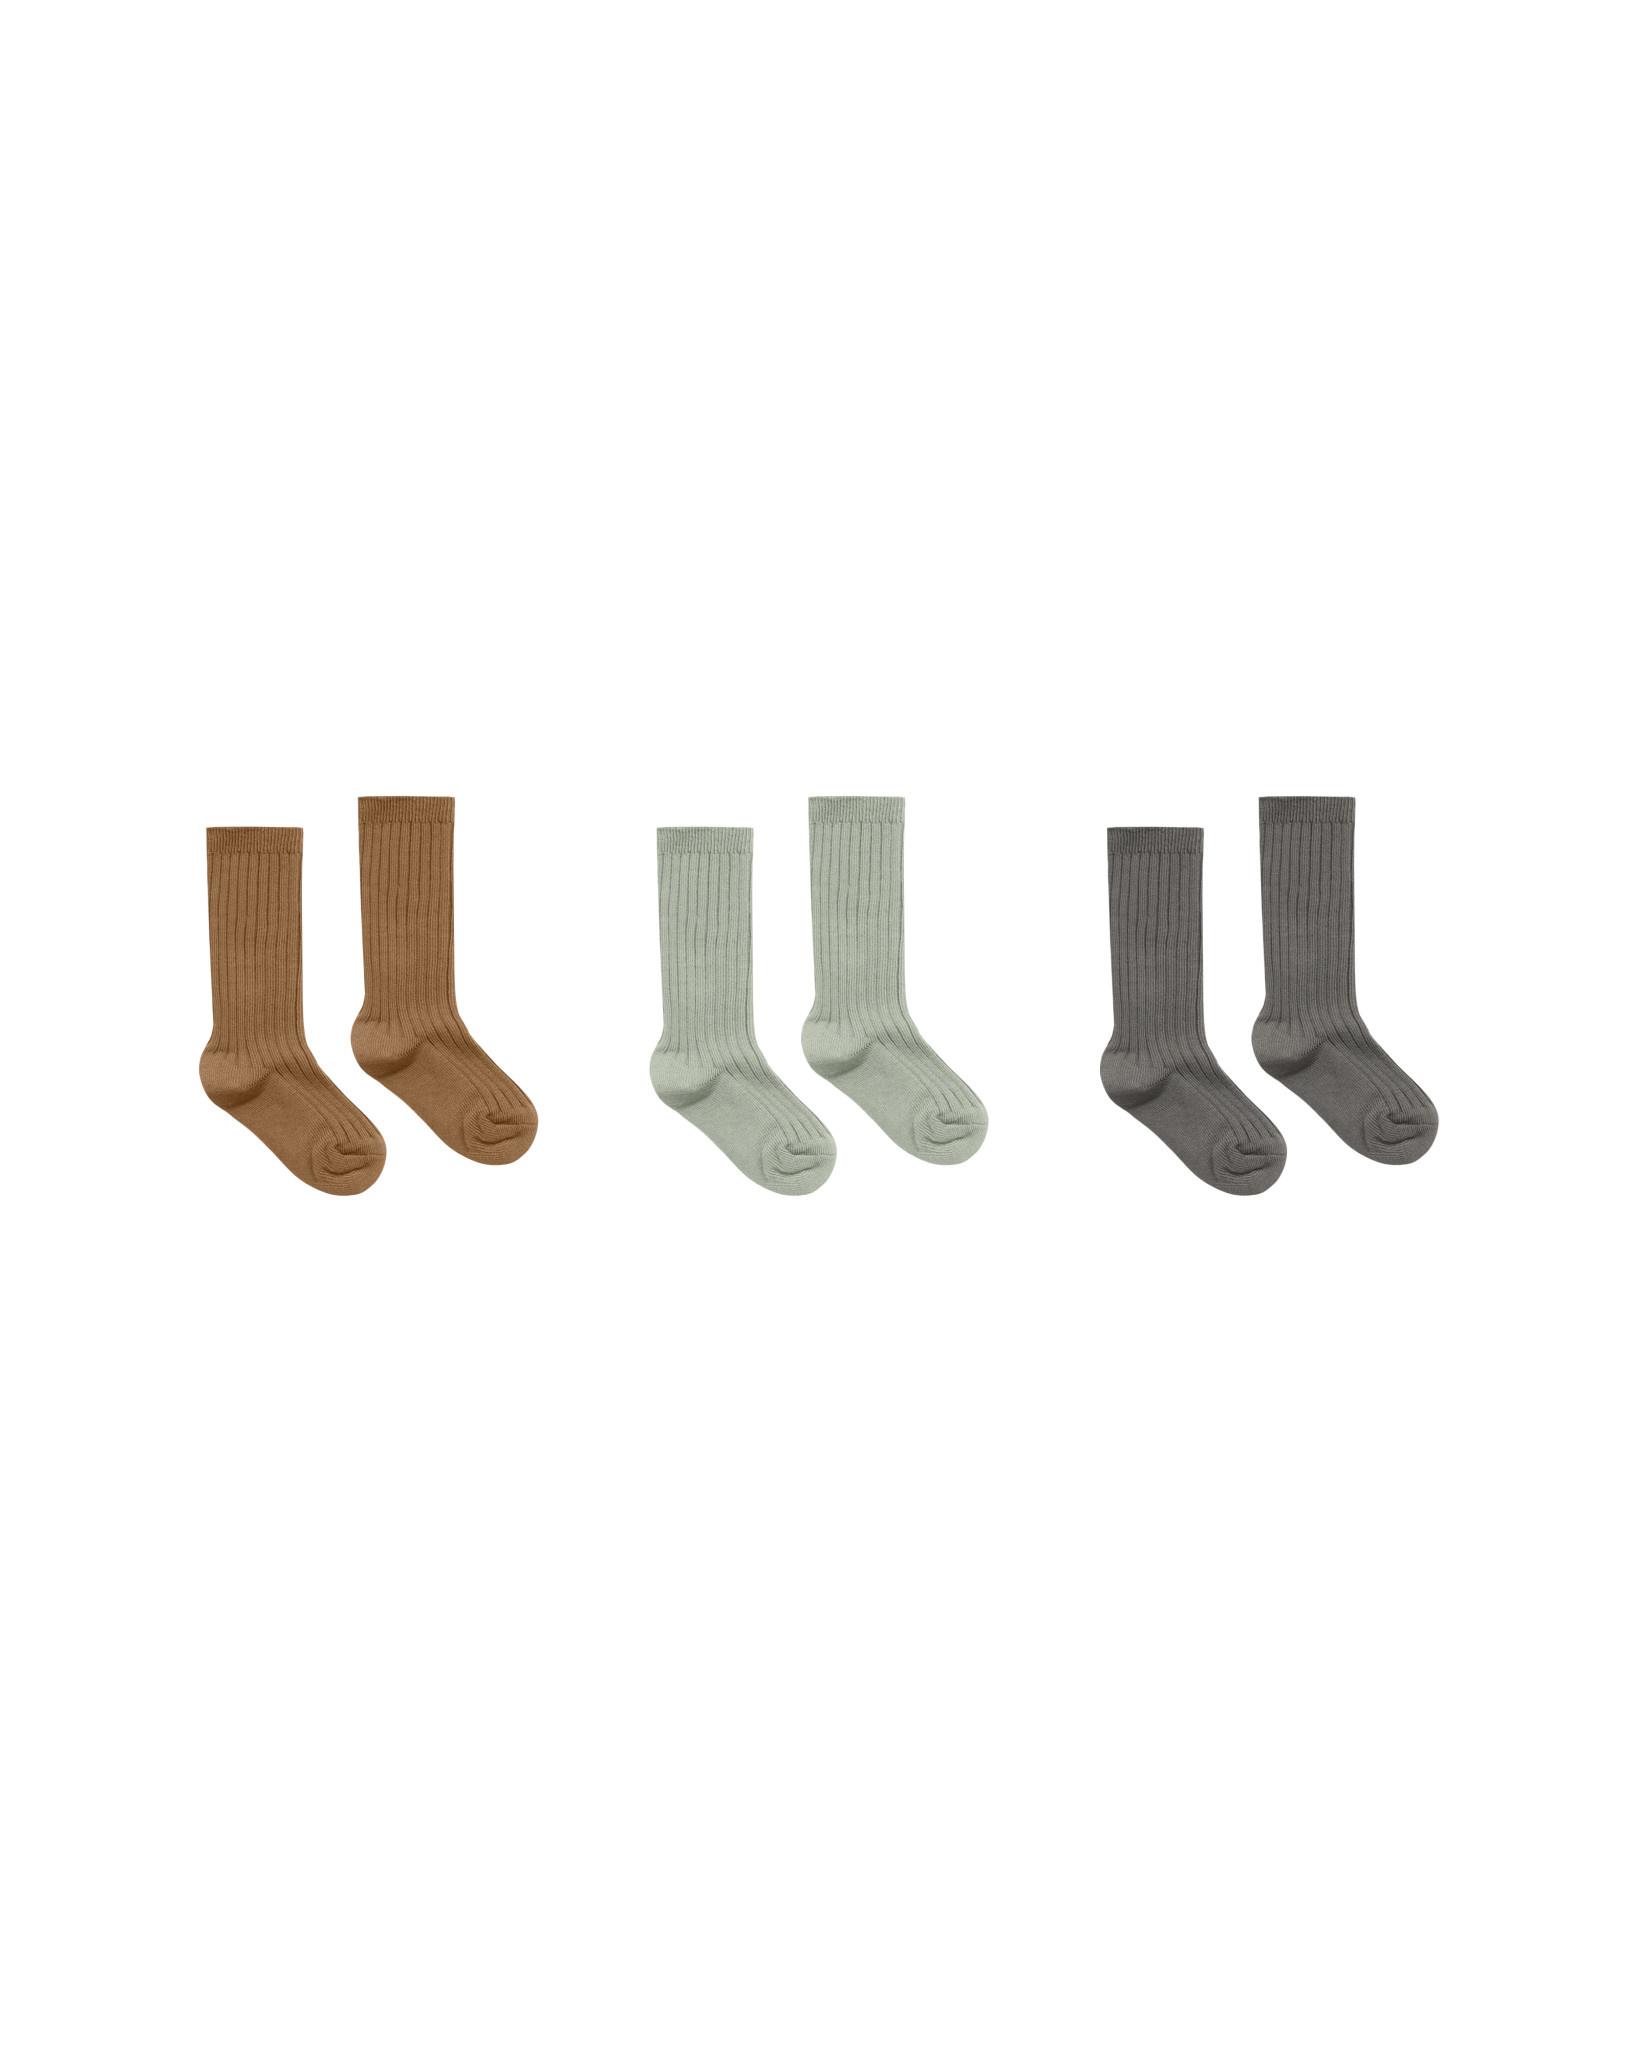 RYLEE AND CRU Solid Ribbed Socks - 3 Pack